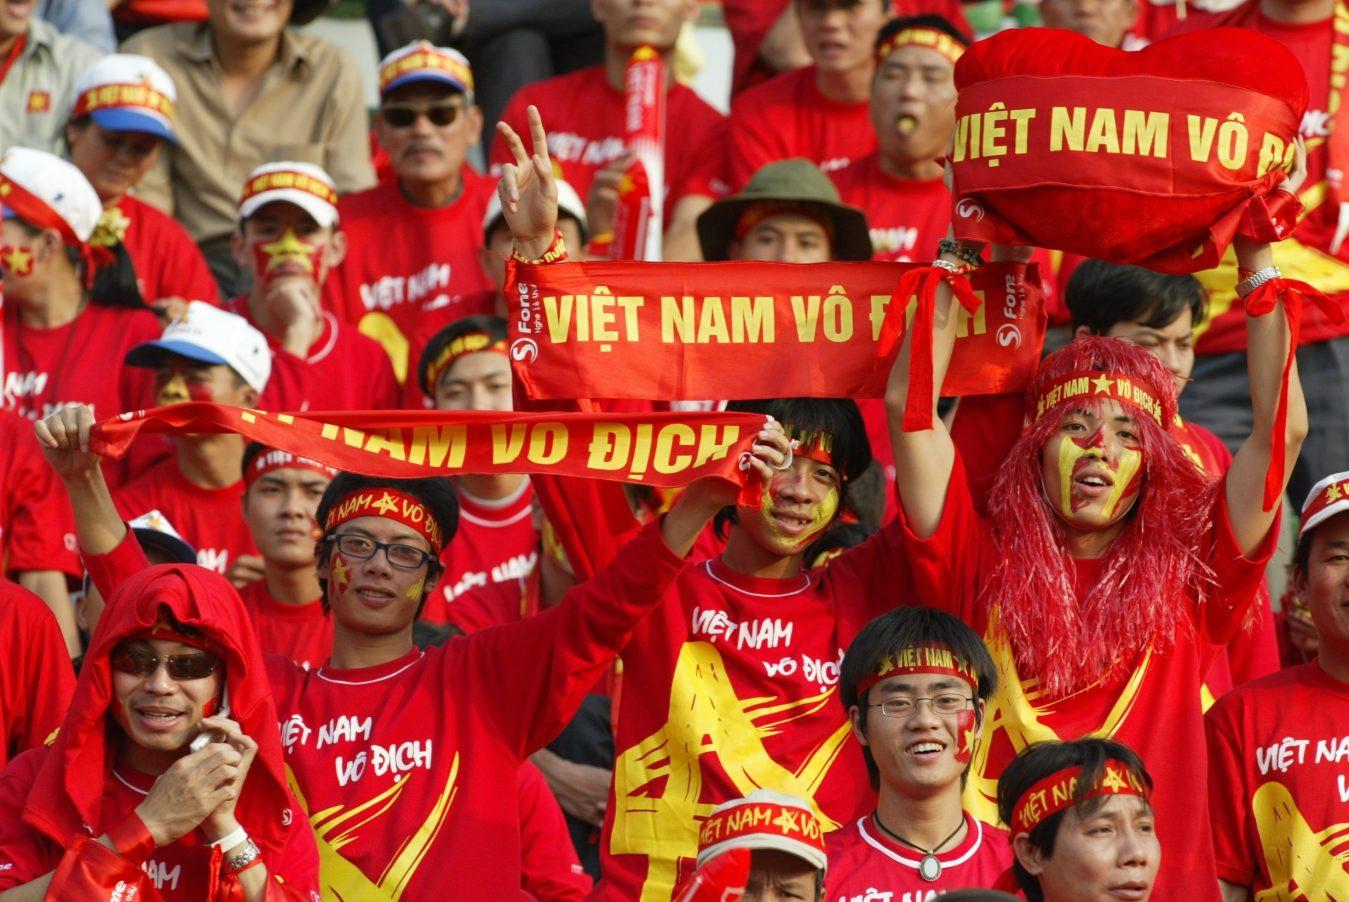 Băng rôn cổ vũ đội tuyển bóng đá Việt nam